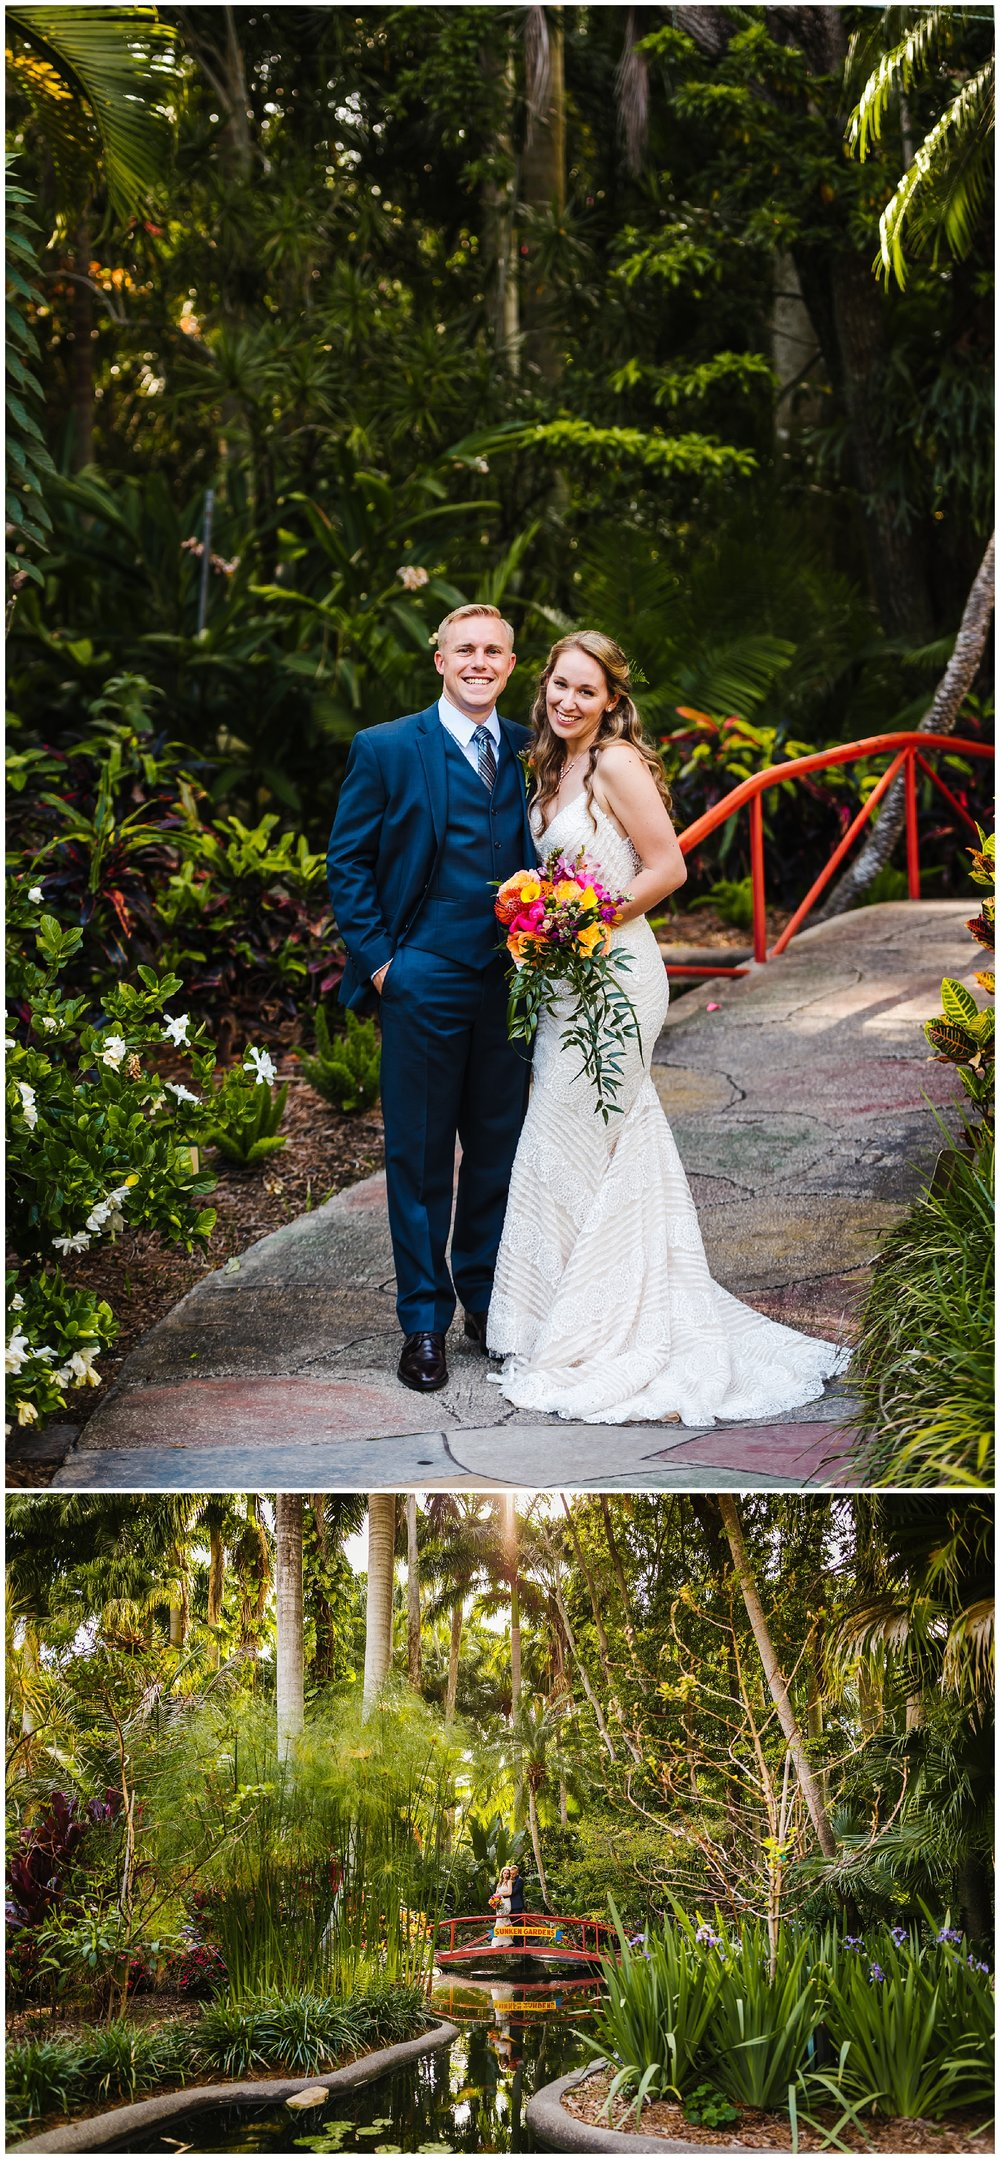 st-pete-wedding-photographer-post-card-inn-sunken-gardens-hawaiian-theme-dueling-pianos_0021.jpg